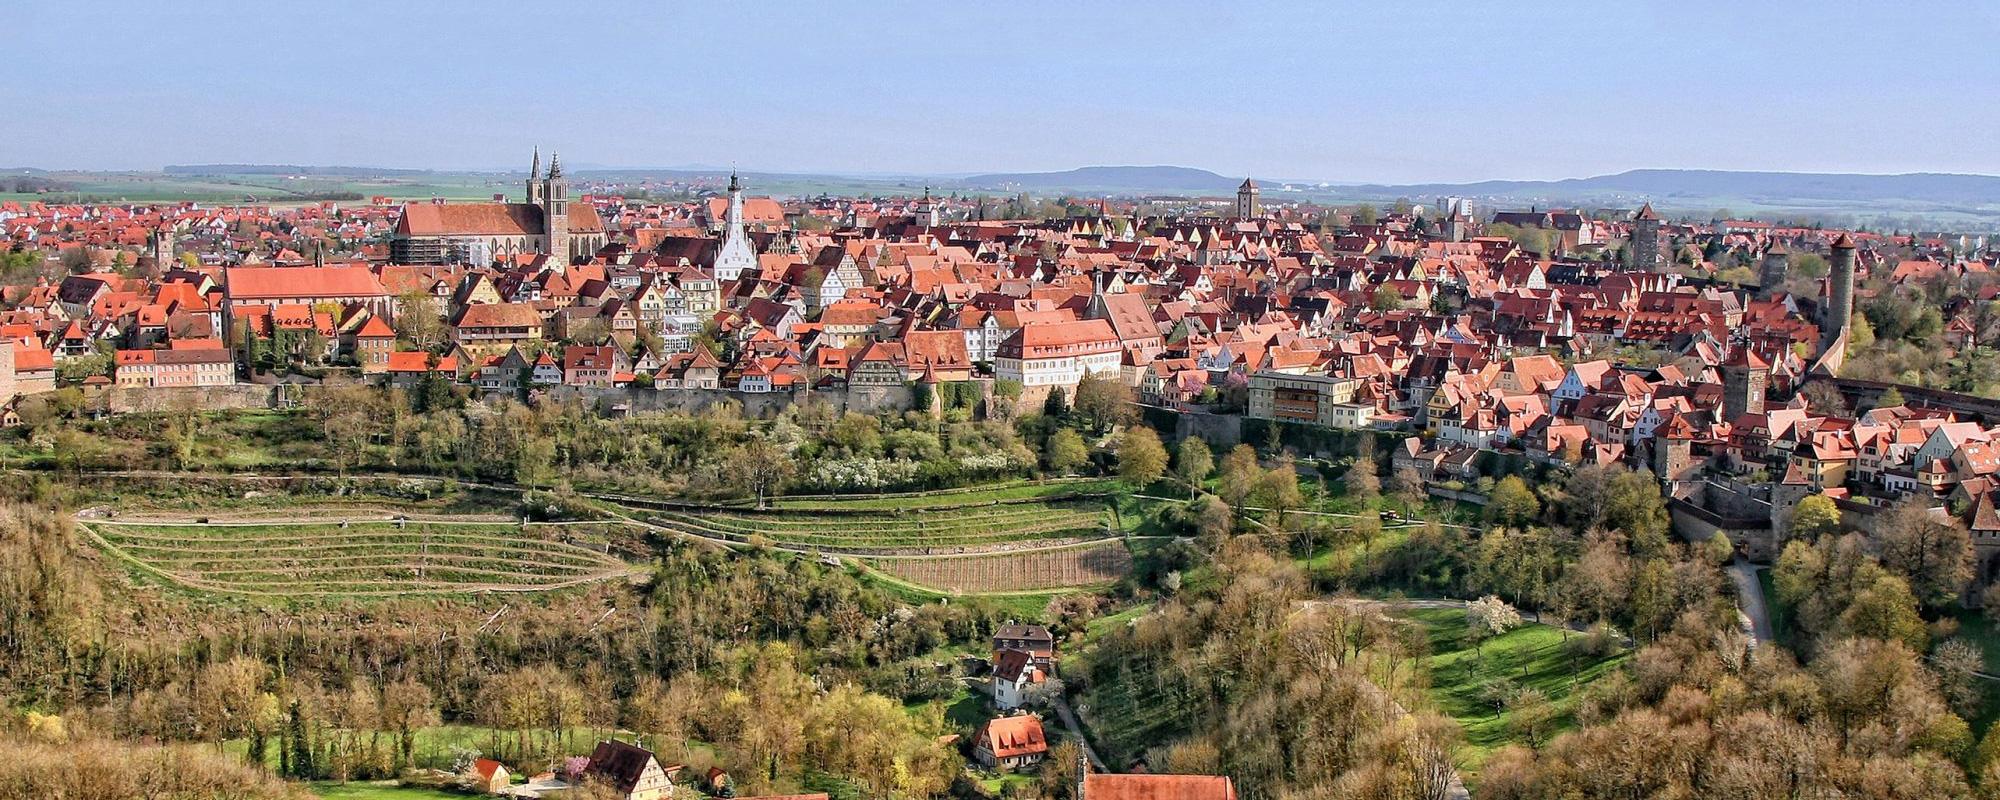 Herzlich Willkommen in Rothenburg ob der Tauber